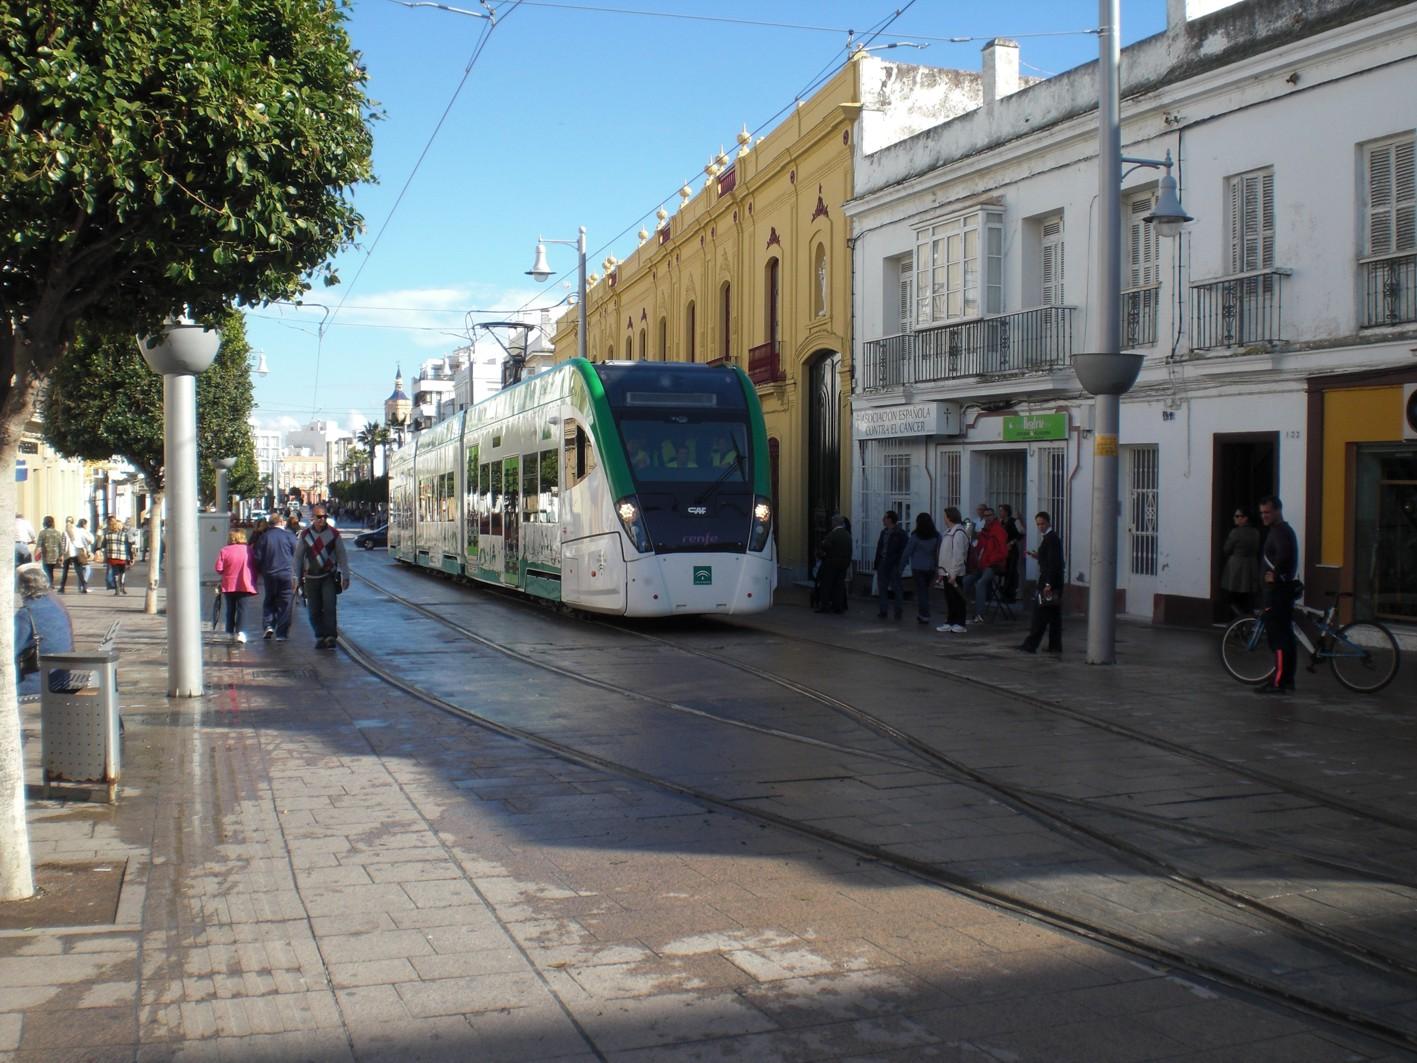 Unidad del tren tranvía en pruebas, a su paso por la Calle Real de San Fernando en noviembre de 2014.